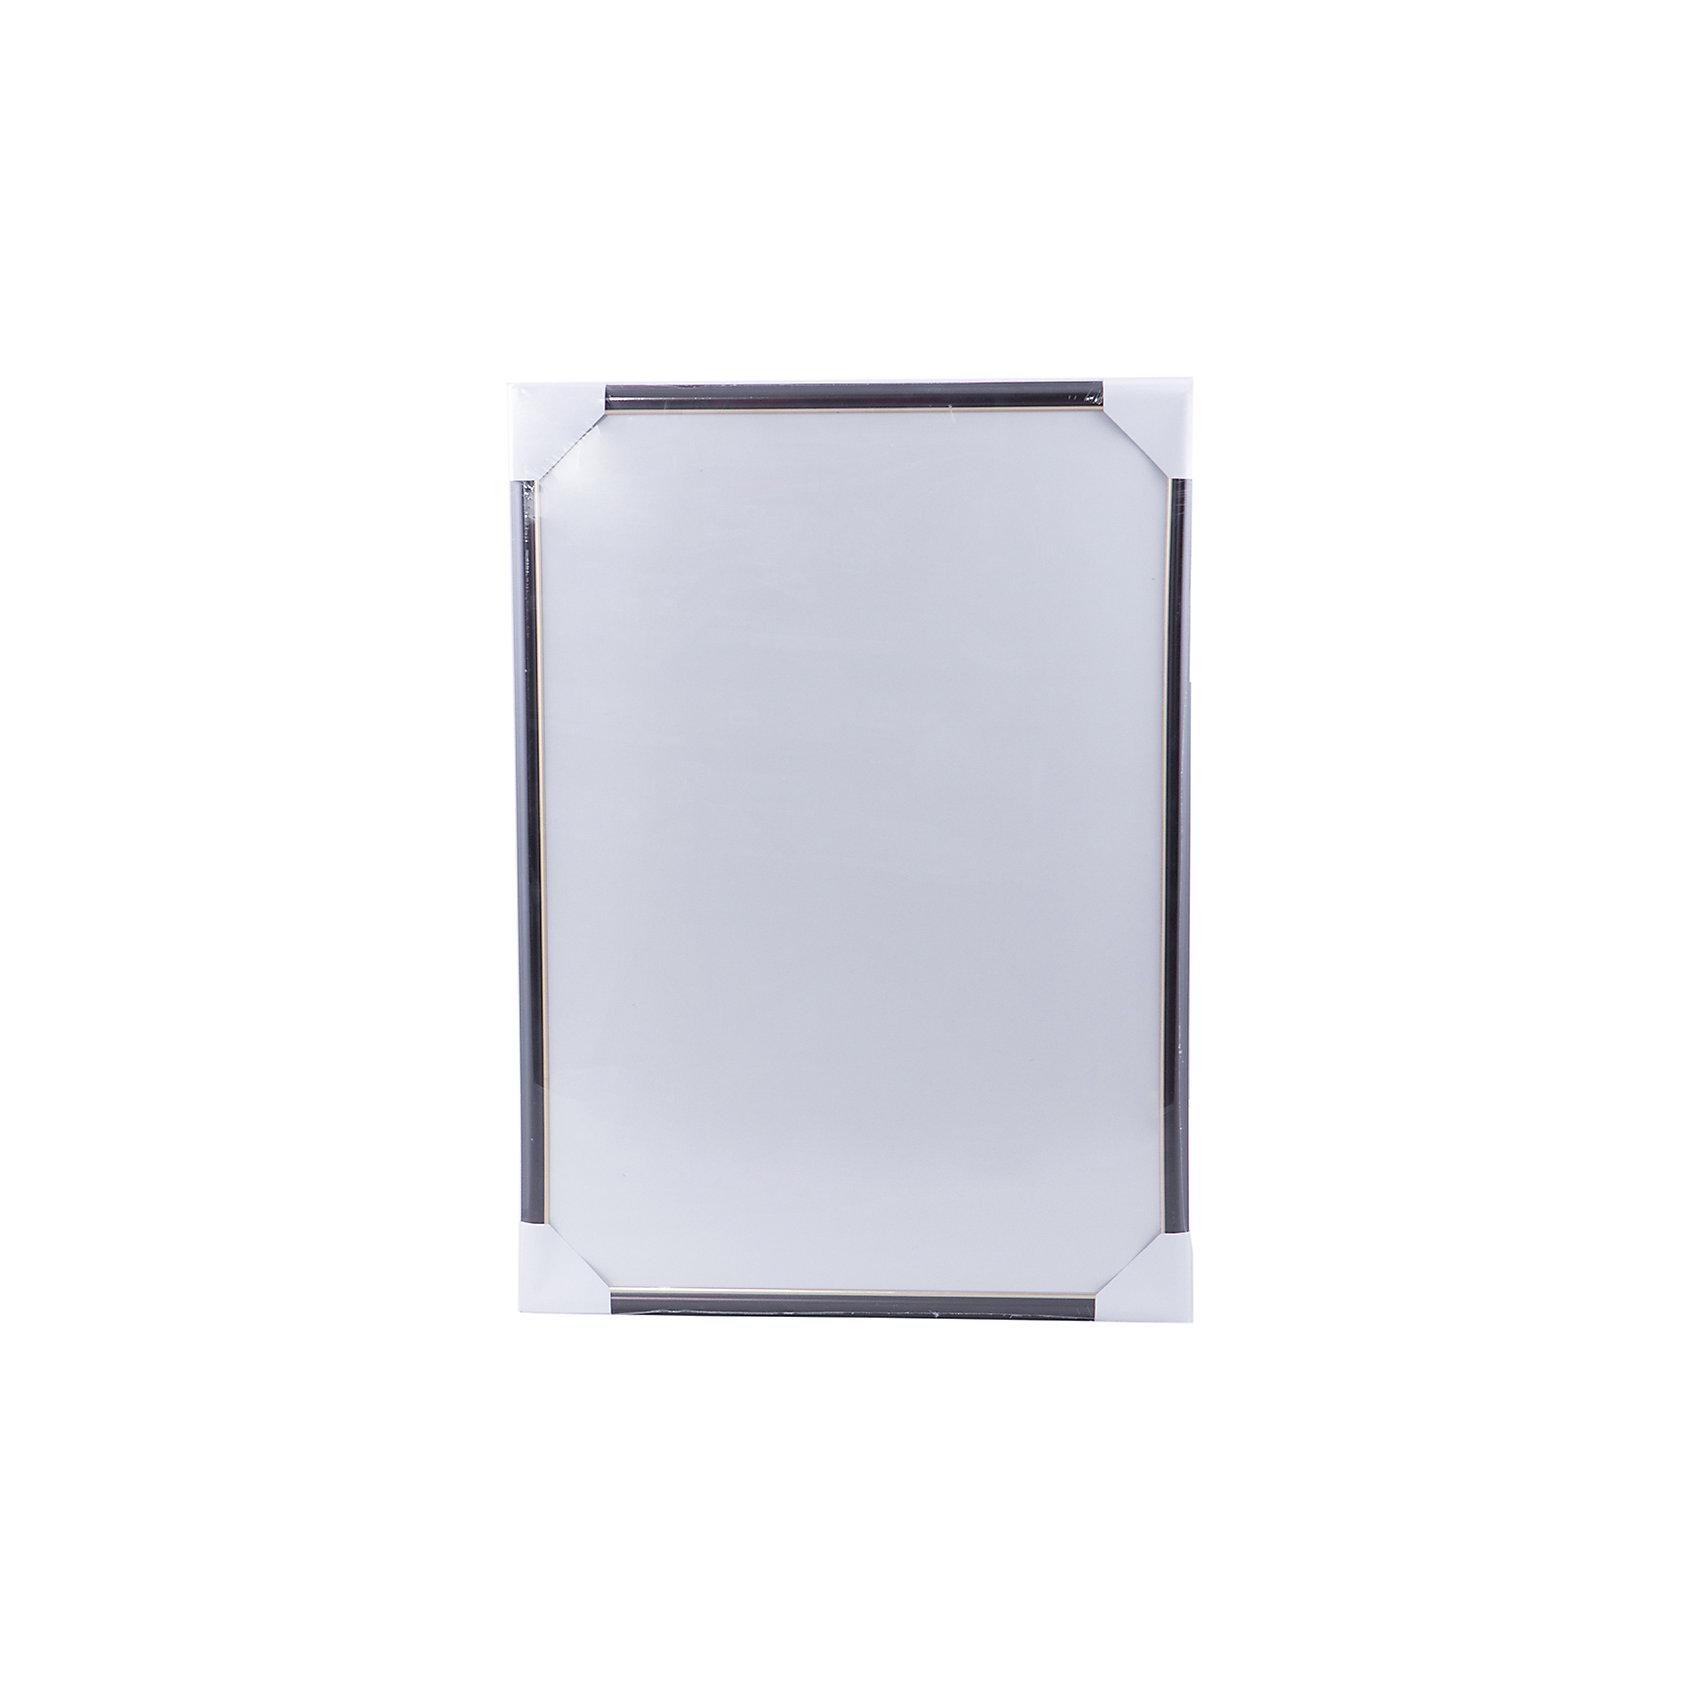 Рамка для пазла 1000/1500 деталей,  48х68см, темно-коричневыйРамка для пазла 1000/1500 деталей,  48х68 см, темно-коричневый – сохранит собранный пазл и позволит использовать его в качестве картины.<br>С этой стильной рамкой собранный пазл можно повесить на стену. Рамка позволяет быстро и надежно закрепить пазл между подложкой и пластиком, т.е. его не требуется предварительно склеивать. Идеально подходят для пазлов из 1000 и 1500 деталей с размером готовой картинки 48х68 см.<br><br>Дополнительная информация:<br><br>- Материал: пластик<br>- Подложка: МДФ<br>- Размер: 48х68 см<br>- Ширина профиля: 2,6 см.<br>- Цвет: темно-коричневый<br><br>Рамку для пазла 1000/1500 деталей,  48х68 см, темно-коричневую можно купить в нашем интернет-магазине.<br><br>Ширина мм: 480<br>Глубина мм: 680<br>Высота мм: 20<br>Вес г: 250<br>Возраст от месяцев: 72<br>Возраст до месяцев: 192<br>Пол: Унисекс<br>Возраст: Детский<br>SKU: 4391629